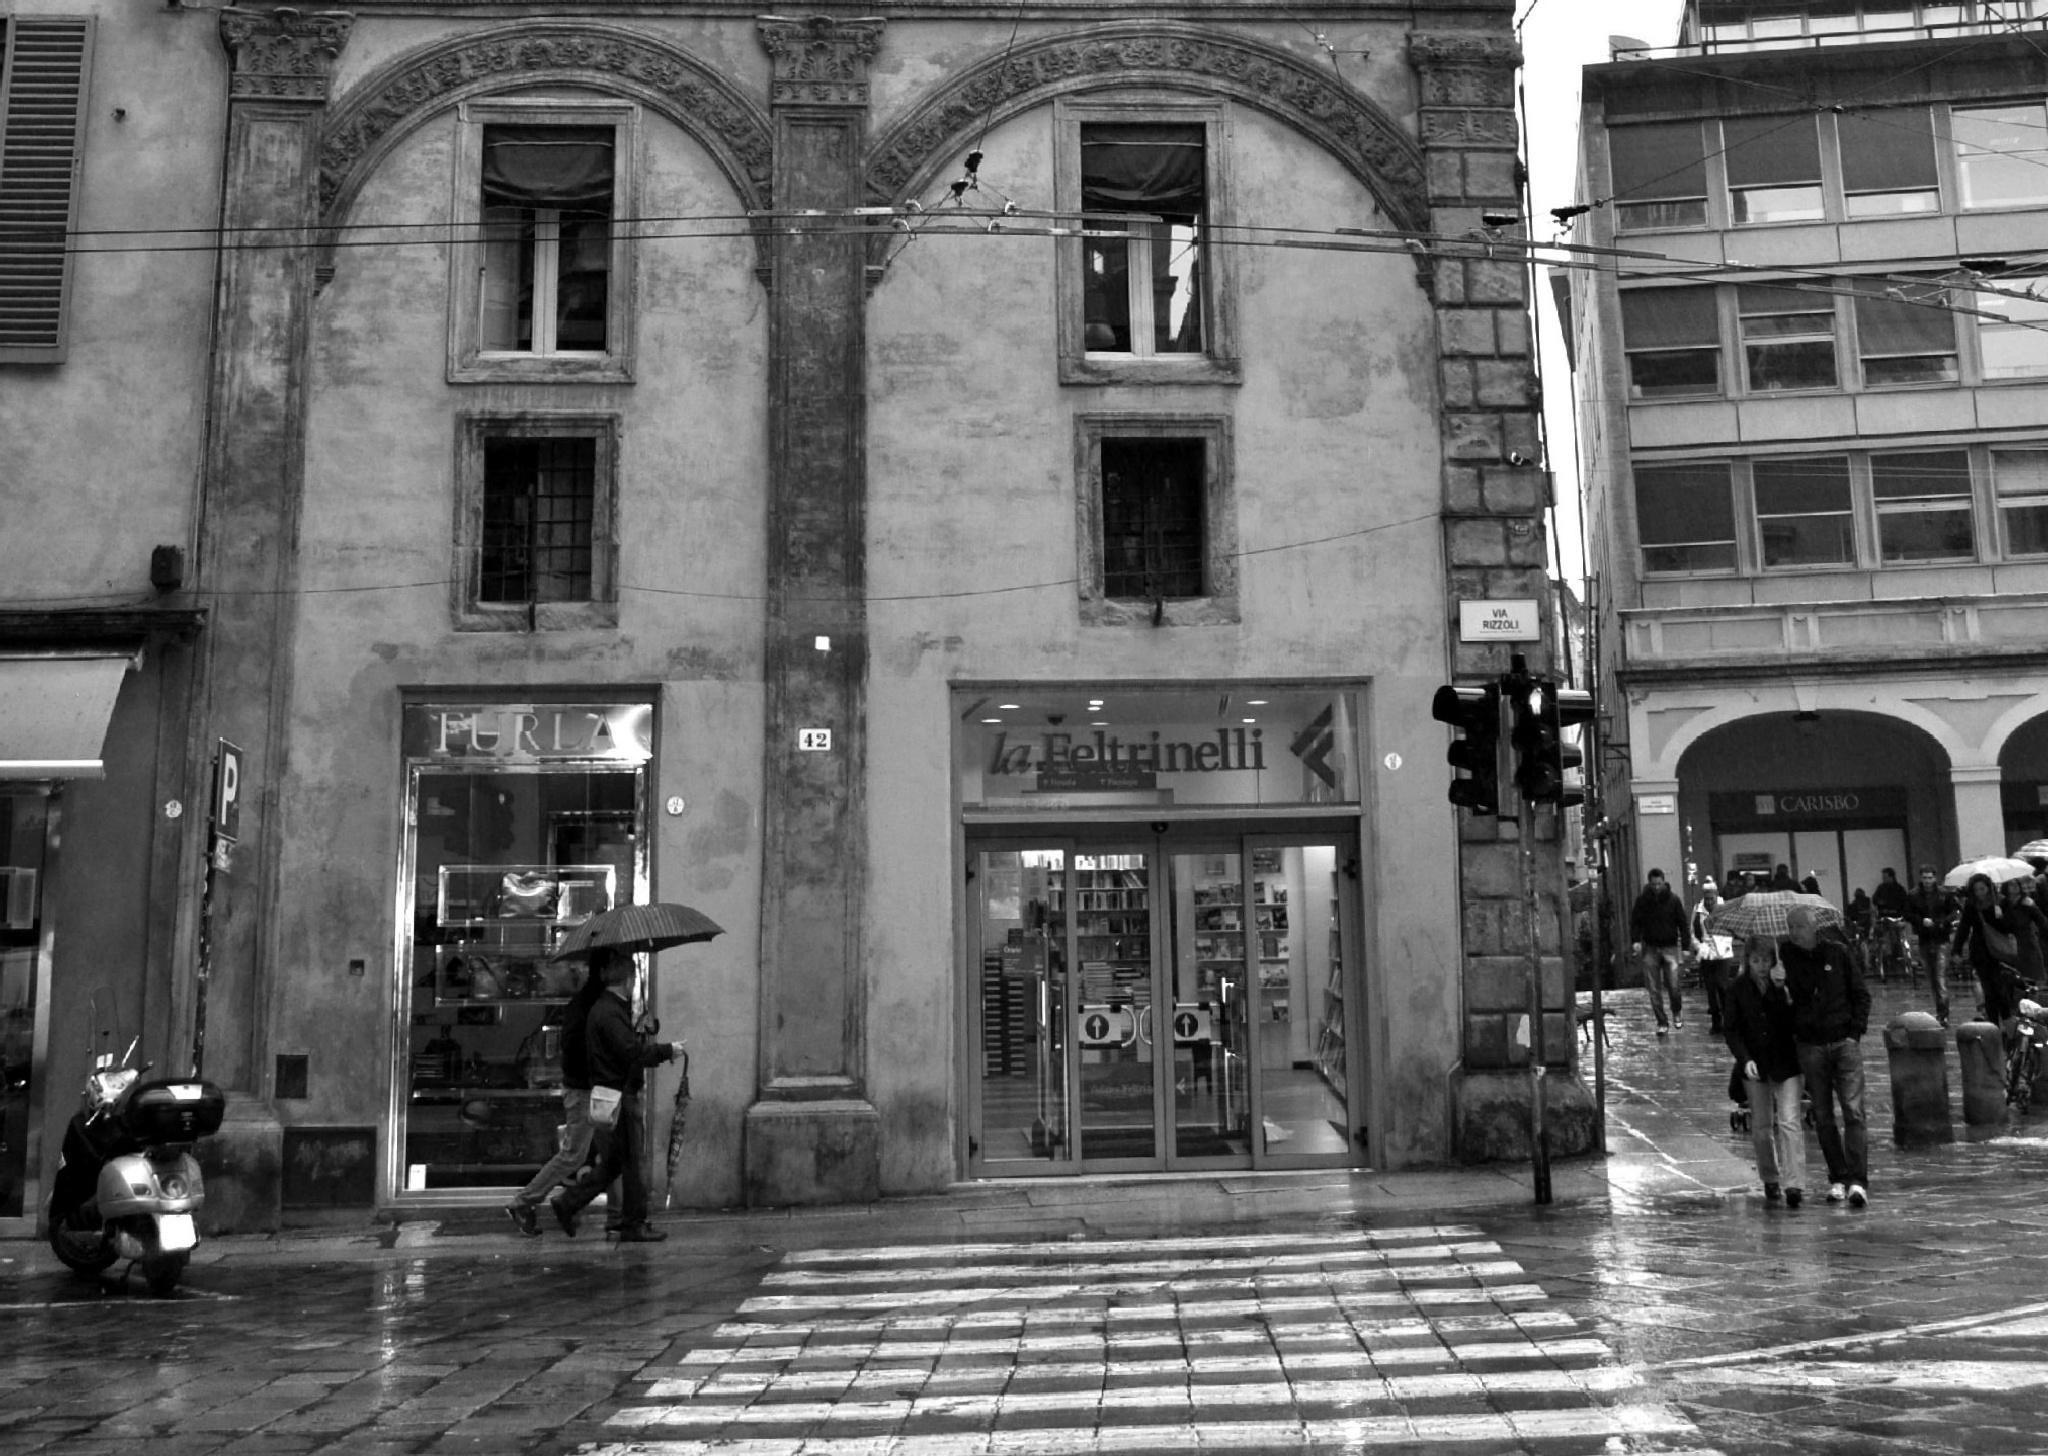 Streets in Italy by carmenlargo13